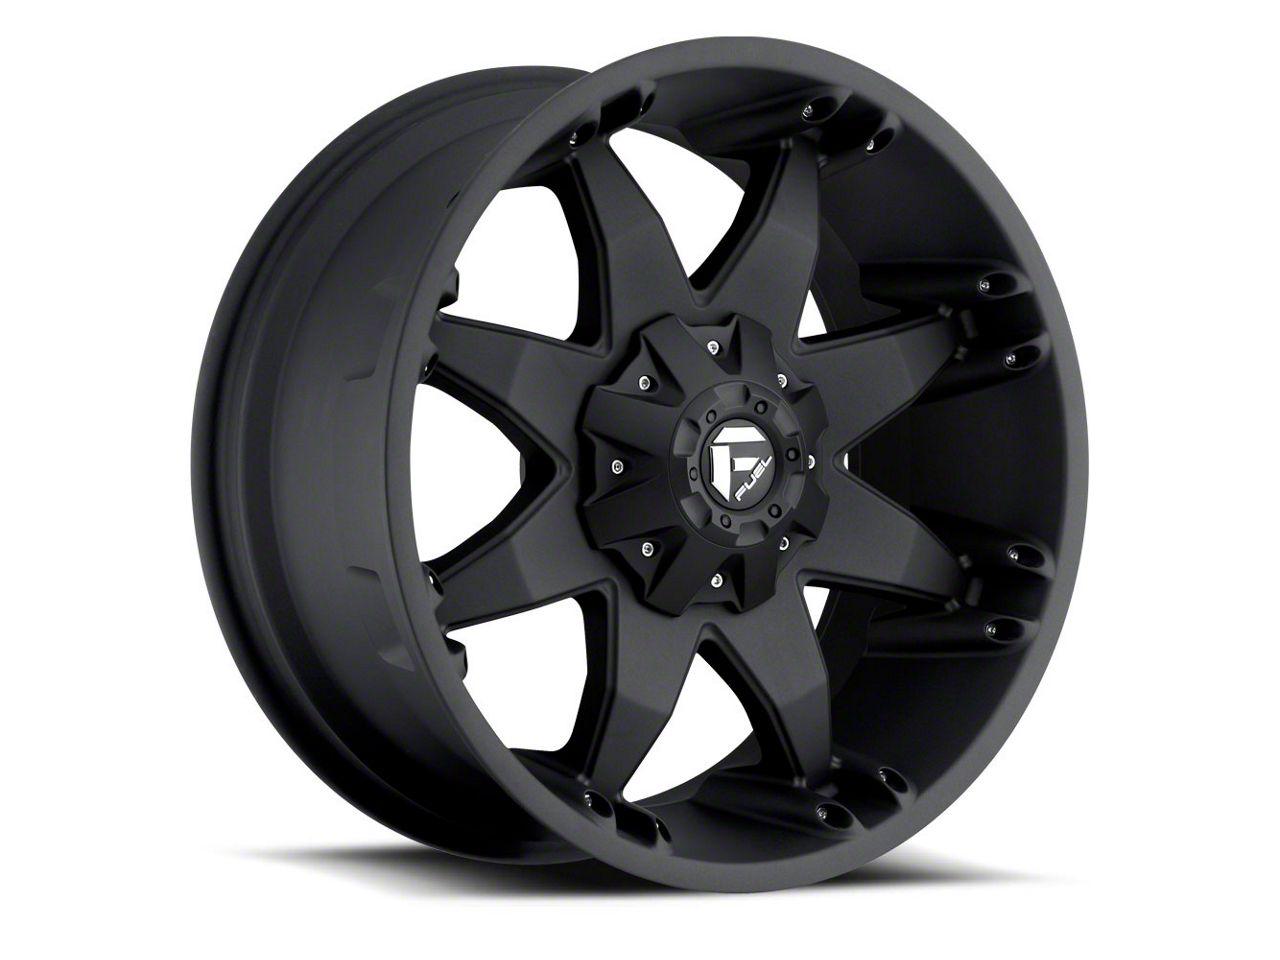 Fuel Wheels Octane Matte Black 6-Lug Wheel - 20x9 (07-18 Sierra 1500)